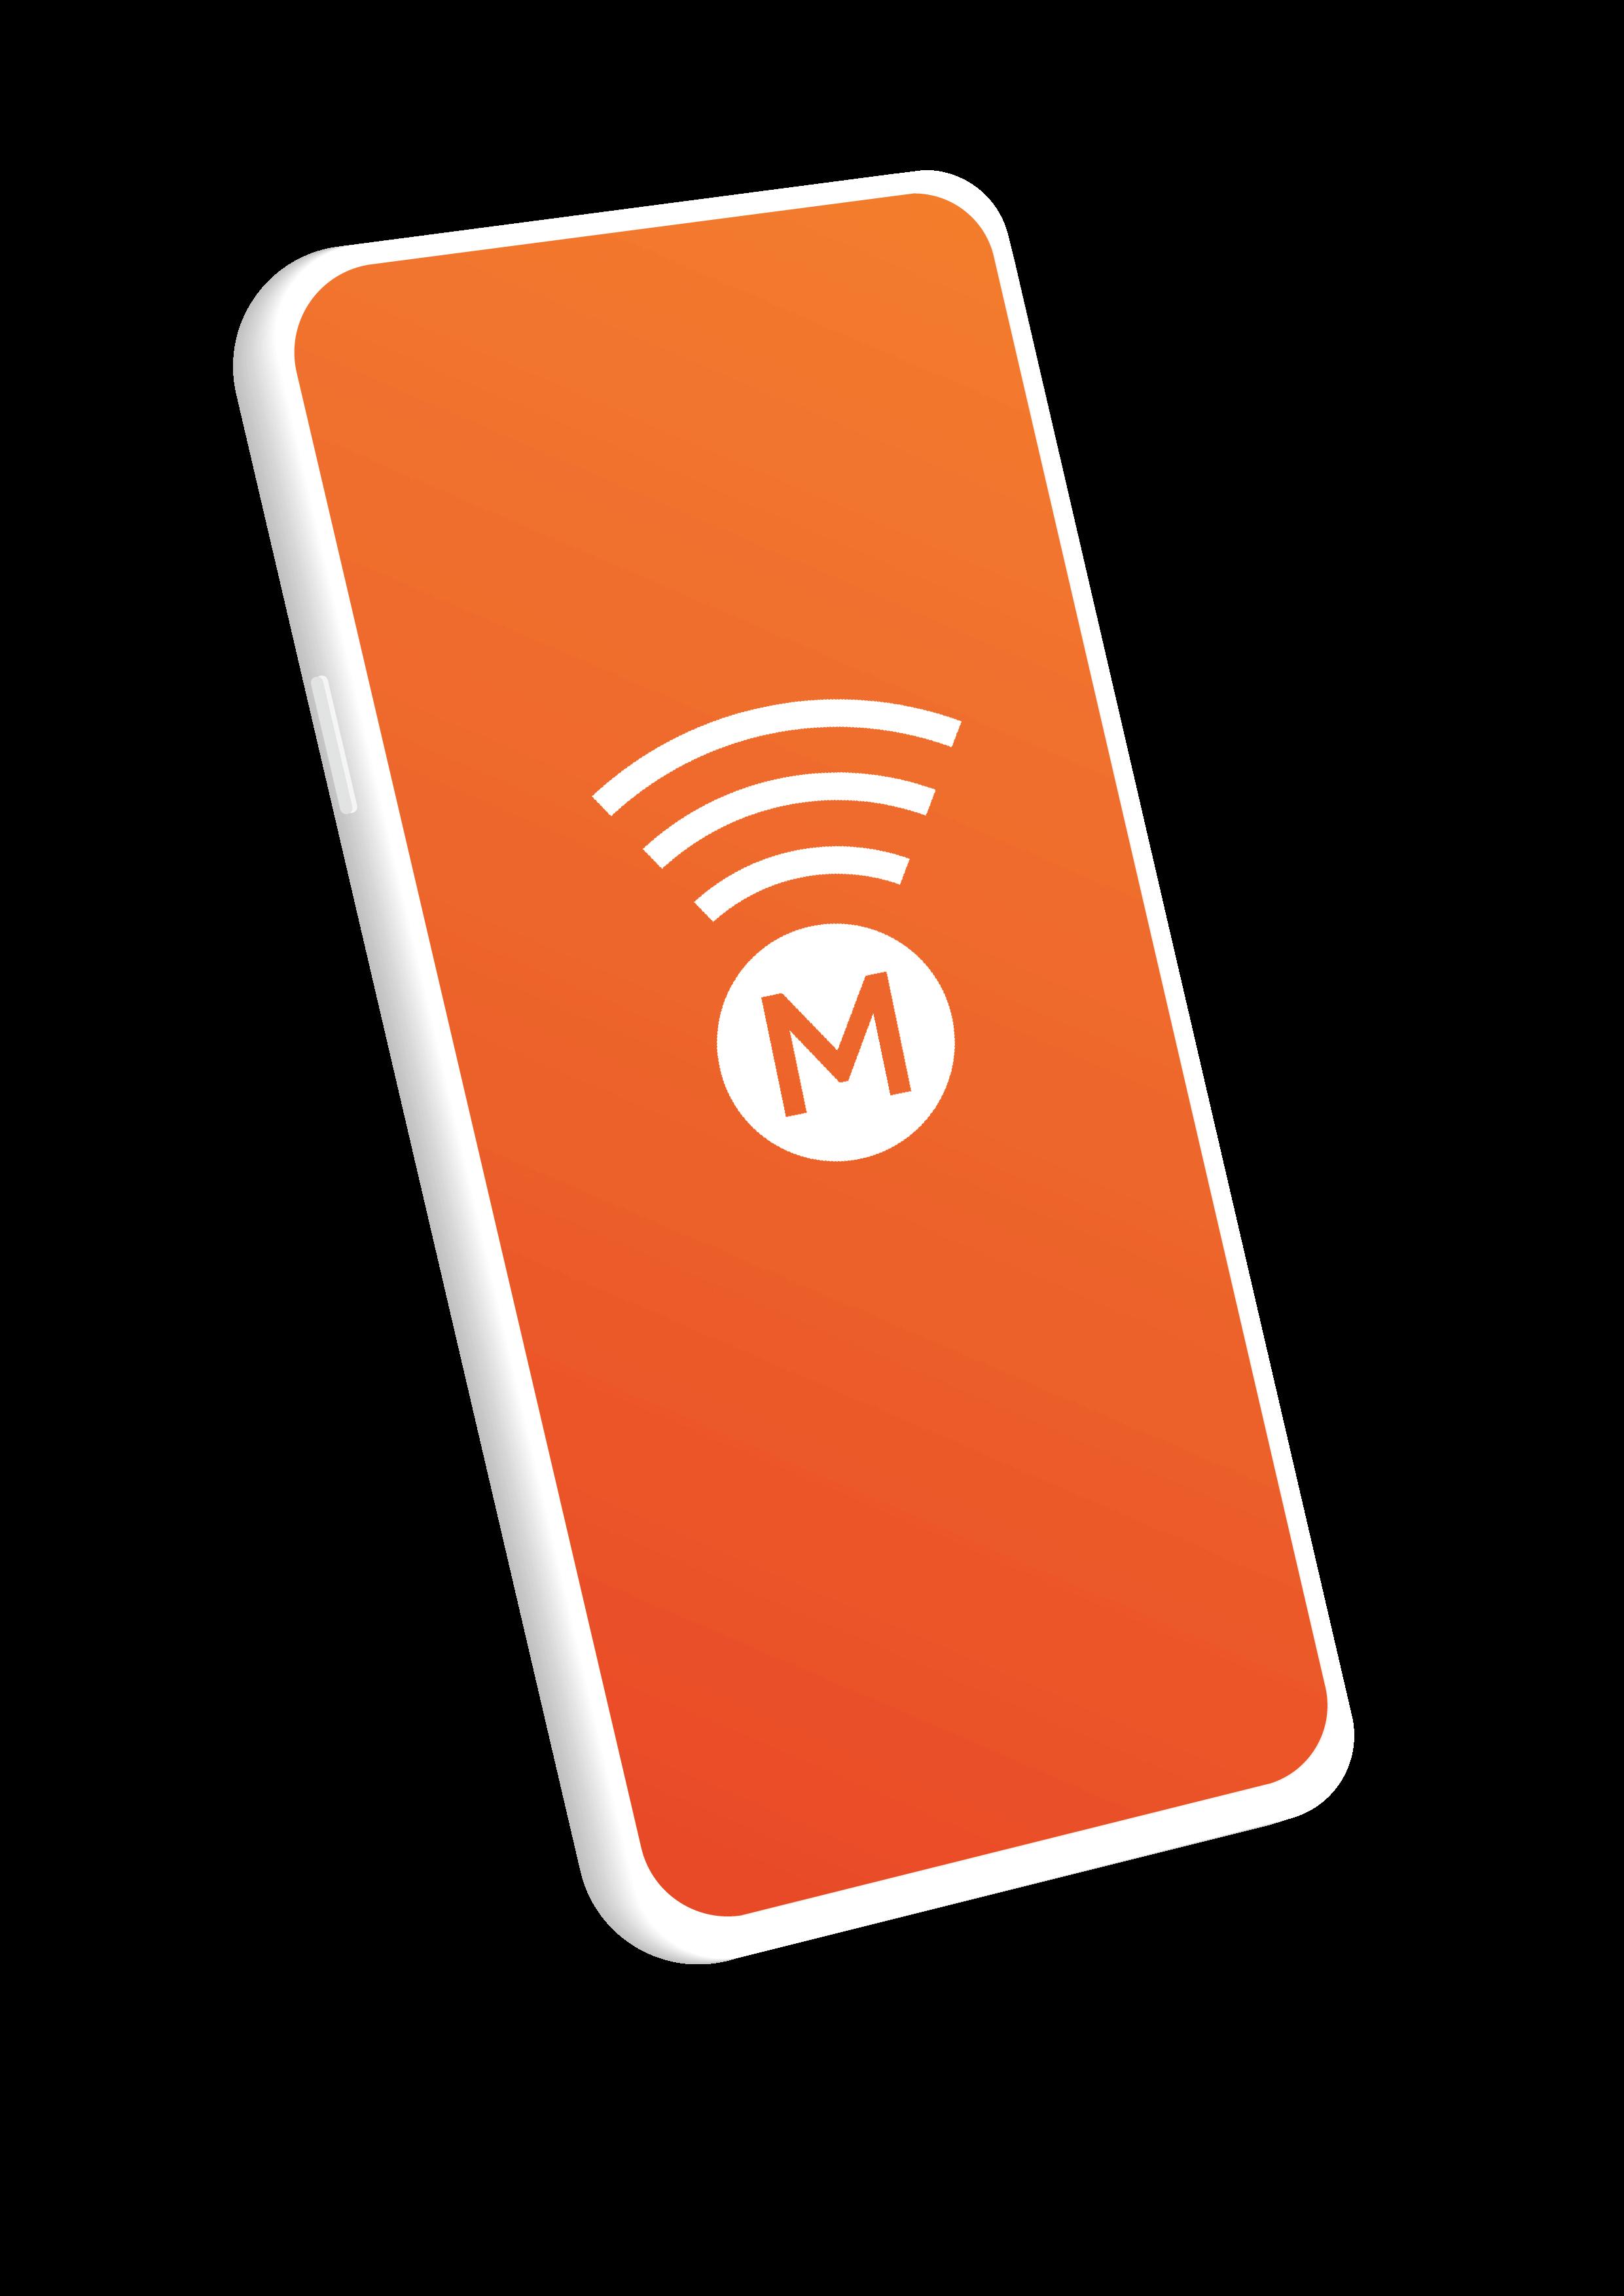 mobilais-01